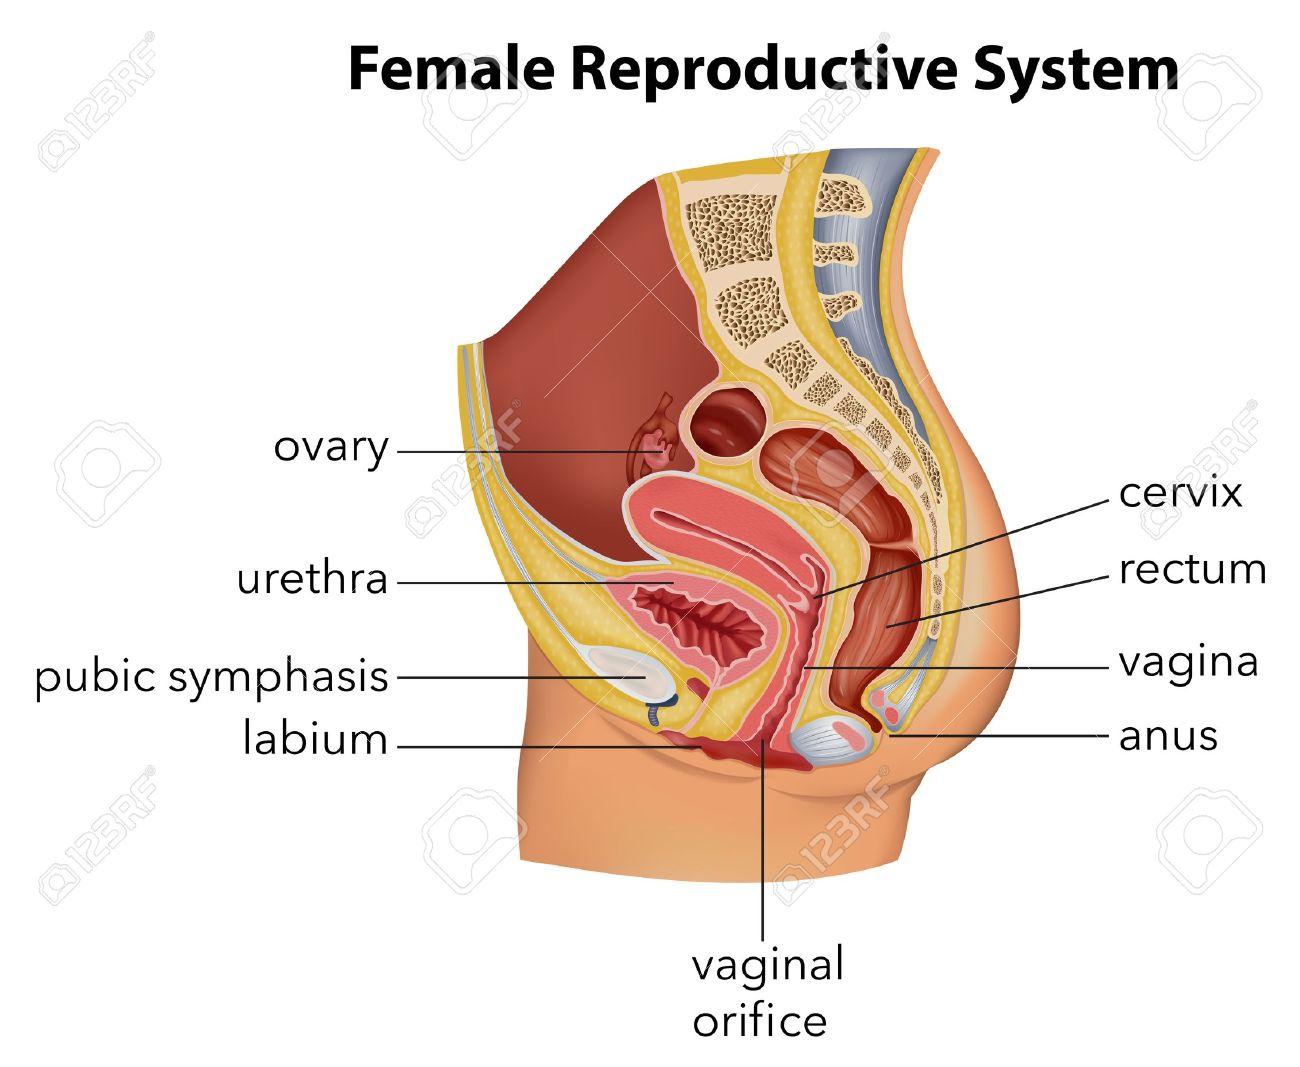 Ilustración Que Muestra El Sistema Reproductor Femenino ...